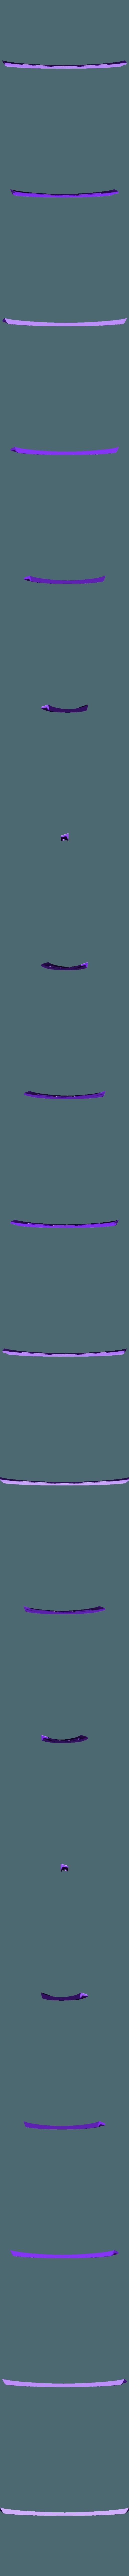 FrontGrill_spoiler.stl Descargar archivo STL CHEVY VAN G20 RC BODY SCALER AXIAL MST TRX4 RC4WD • Modelo para imprimir en 3D, ilyakapitonov